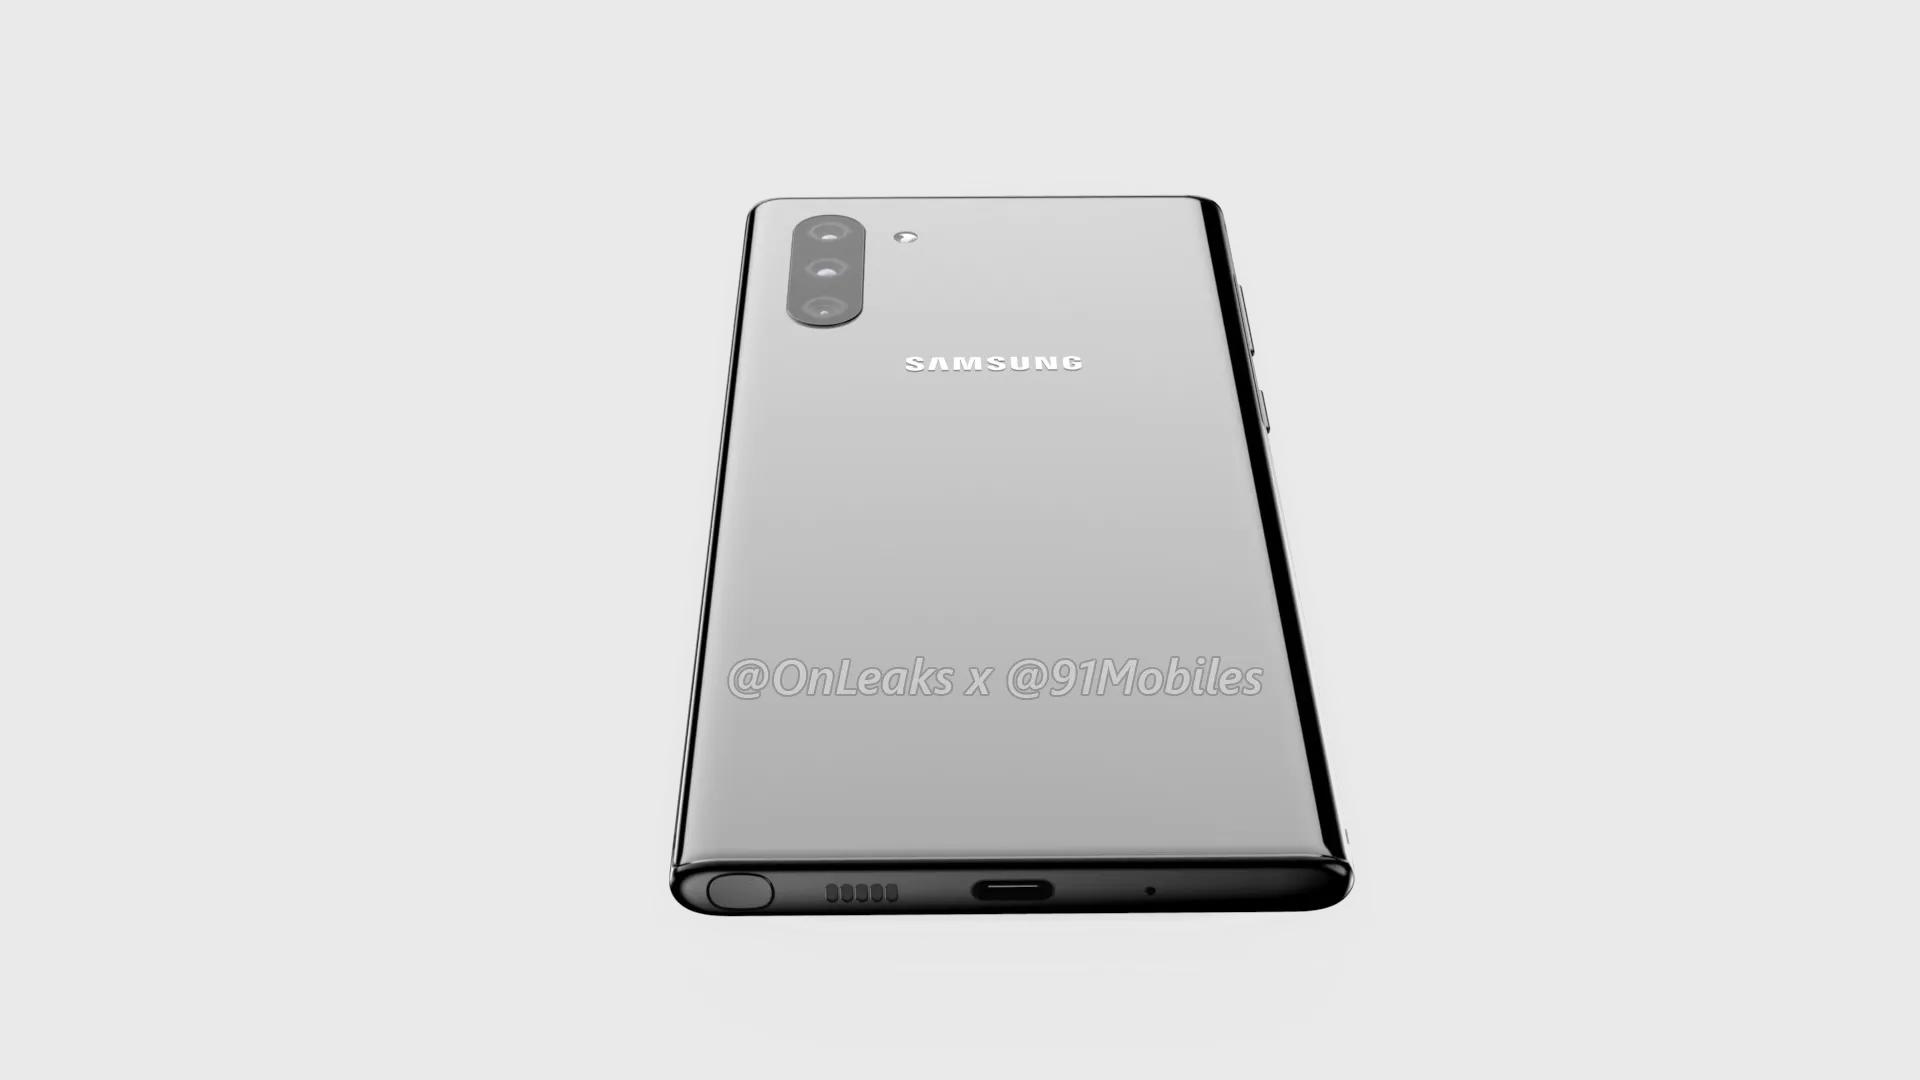 El cargador más rápido del Samsung Galaxy Note 10 no estaría incluido en la caja